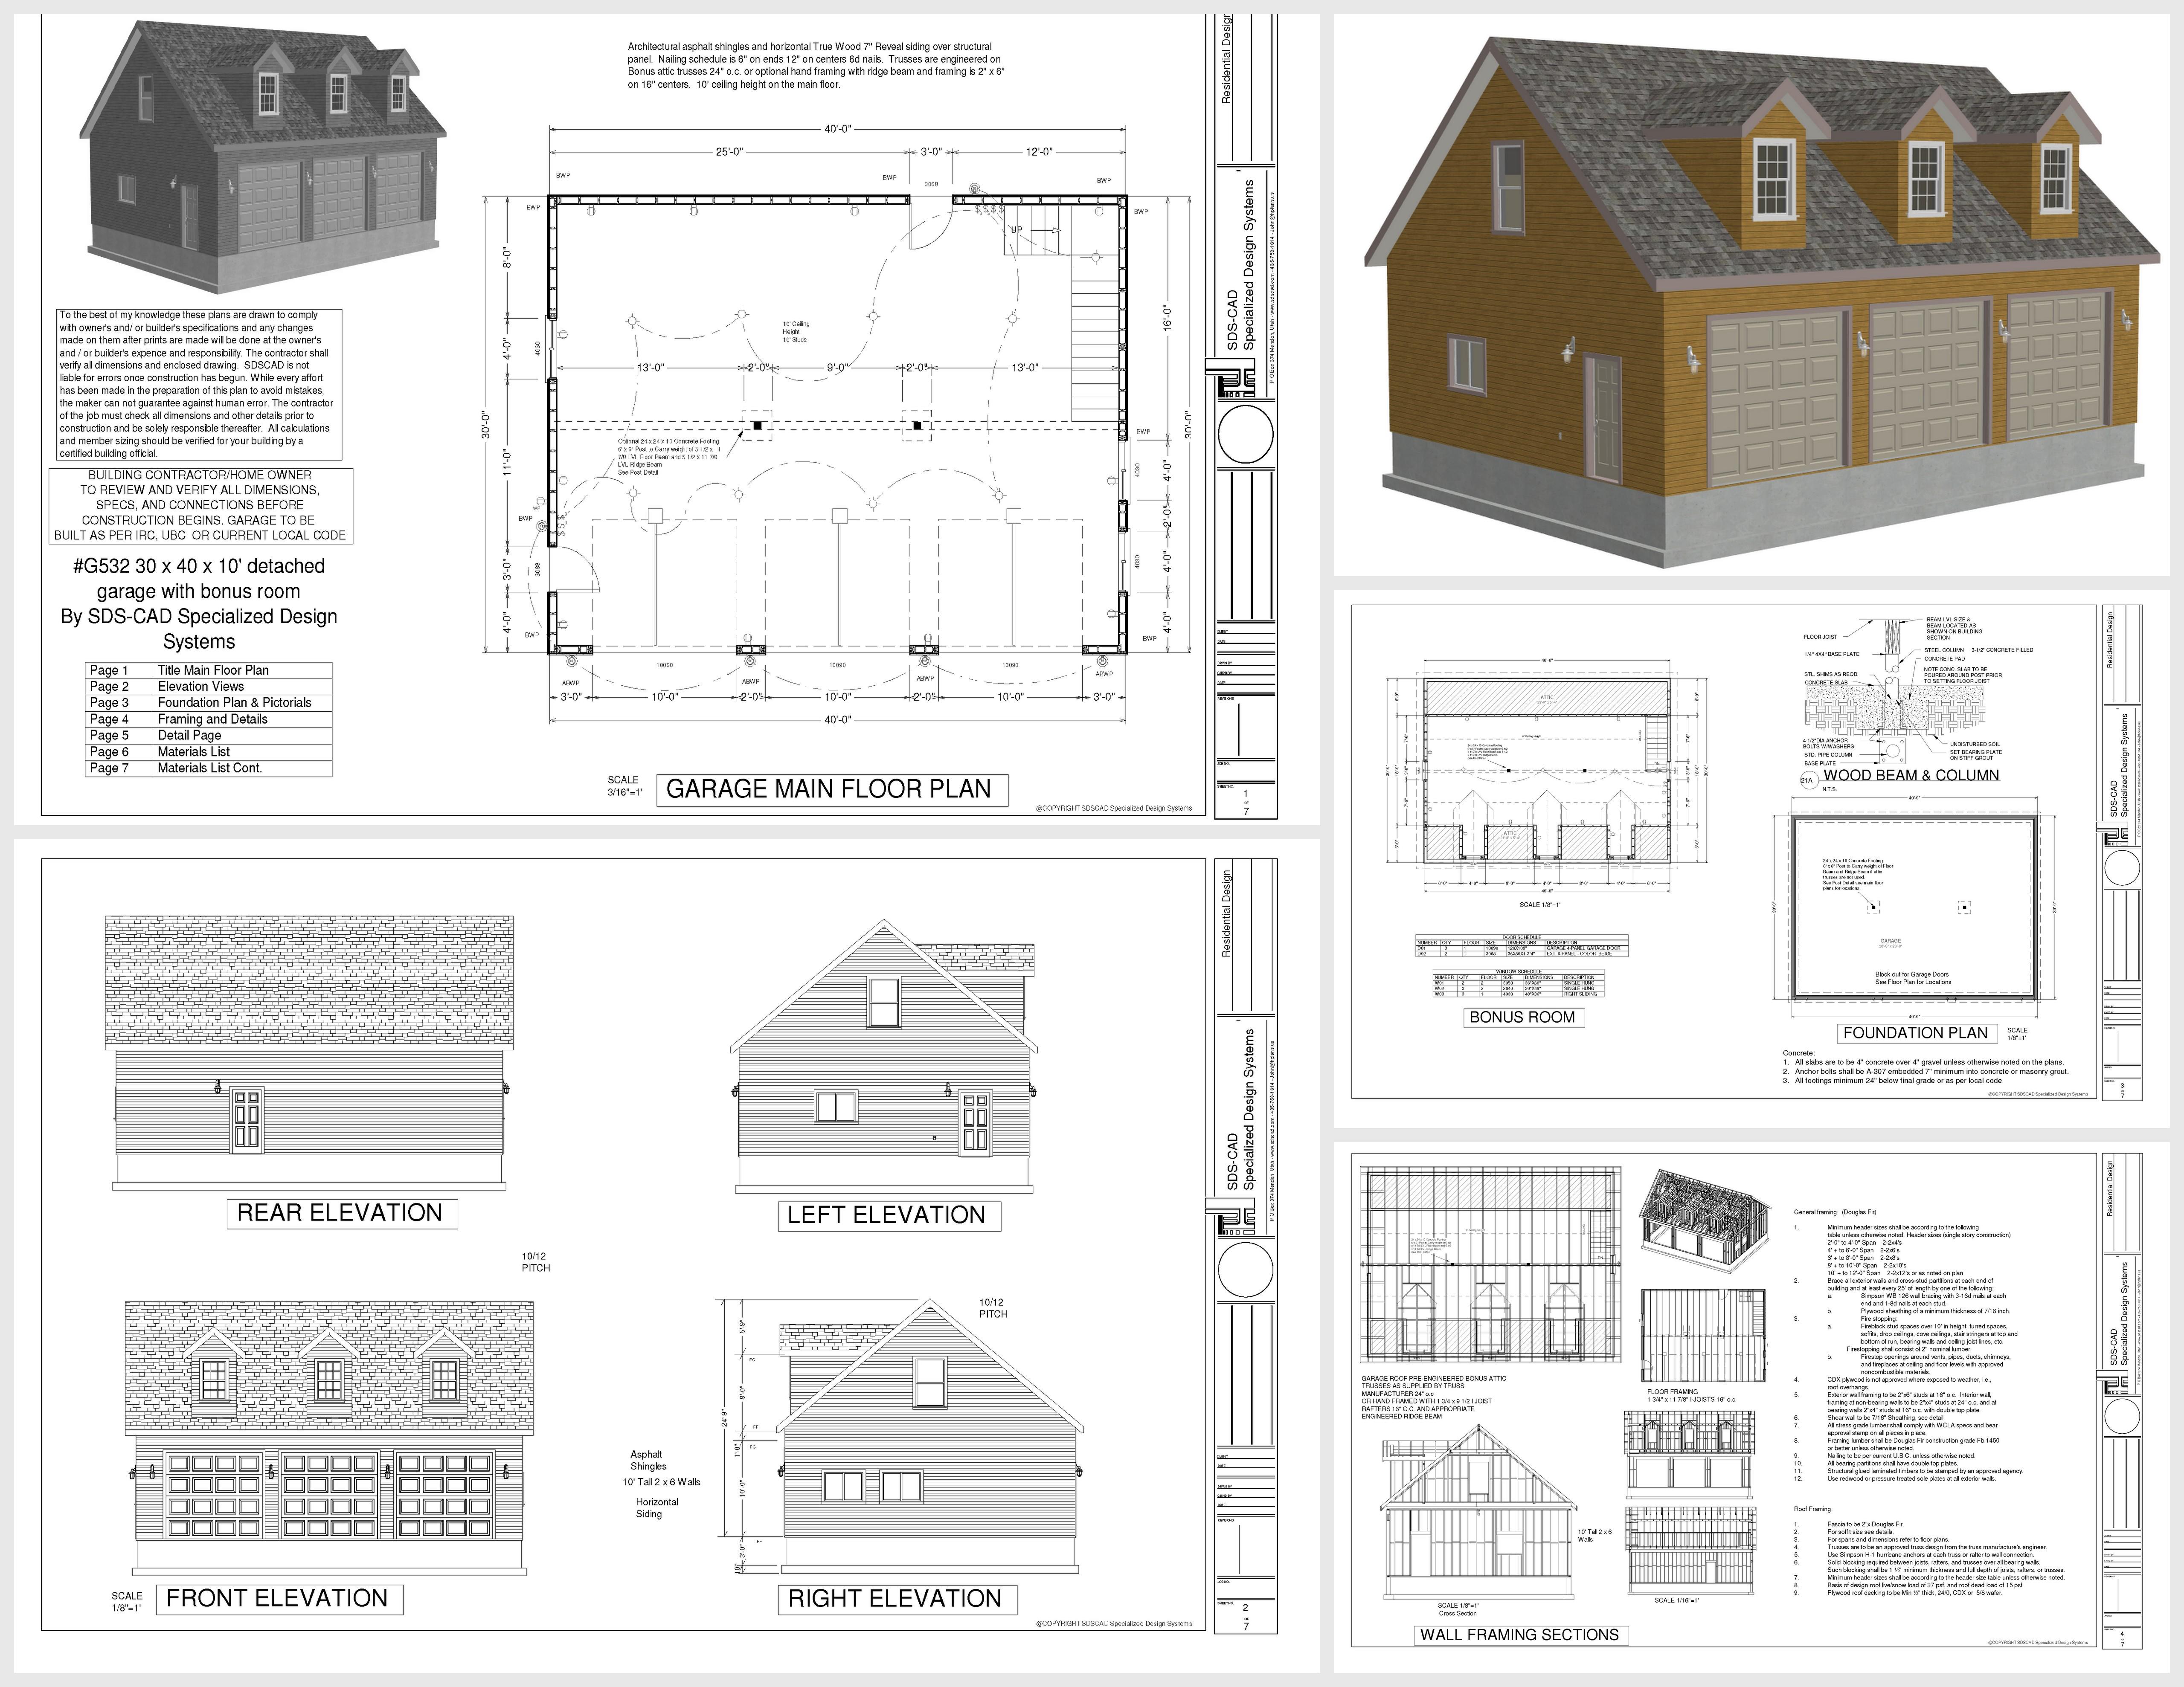 G532 30 X 40 X 10 3 Car Cape Cod Dormer Garage Plans With Bonus Room Dwg And Pdf Garage Plansg532 30 X 40 X 10 3 Car Cape